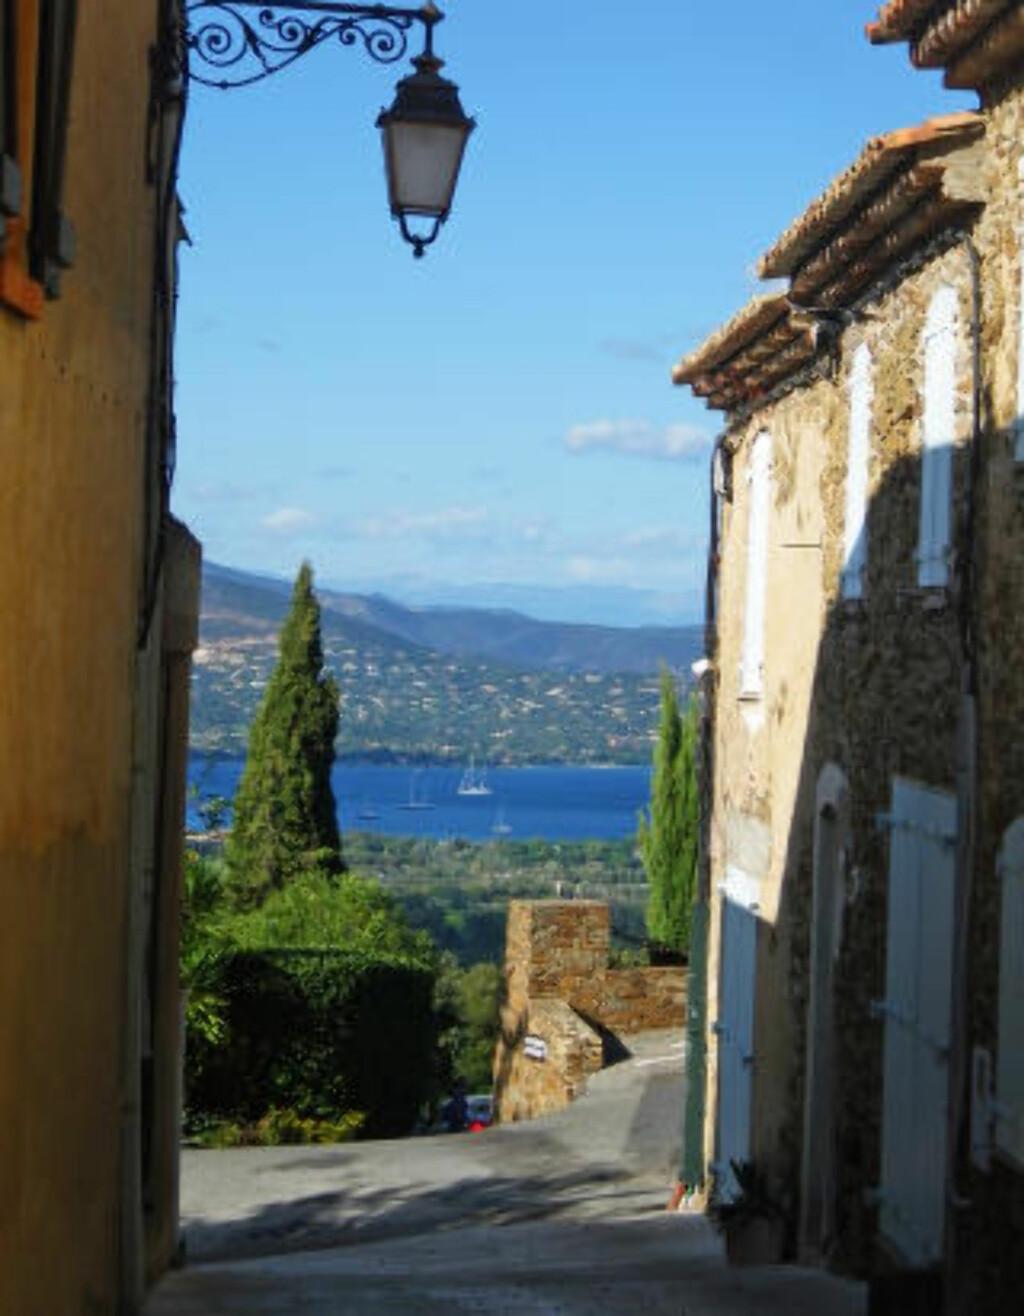 GASSIN: Landsbyen er velsignet med en slående utsikt både innover i Provence, med vinmarker, skog og fjell - og til det blå havet som hviler bare noen få kilometer unna. Foto: WIKIMEDIA COMMONS